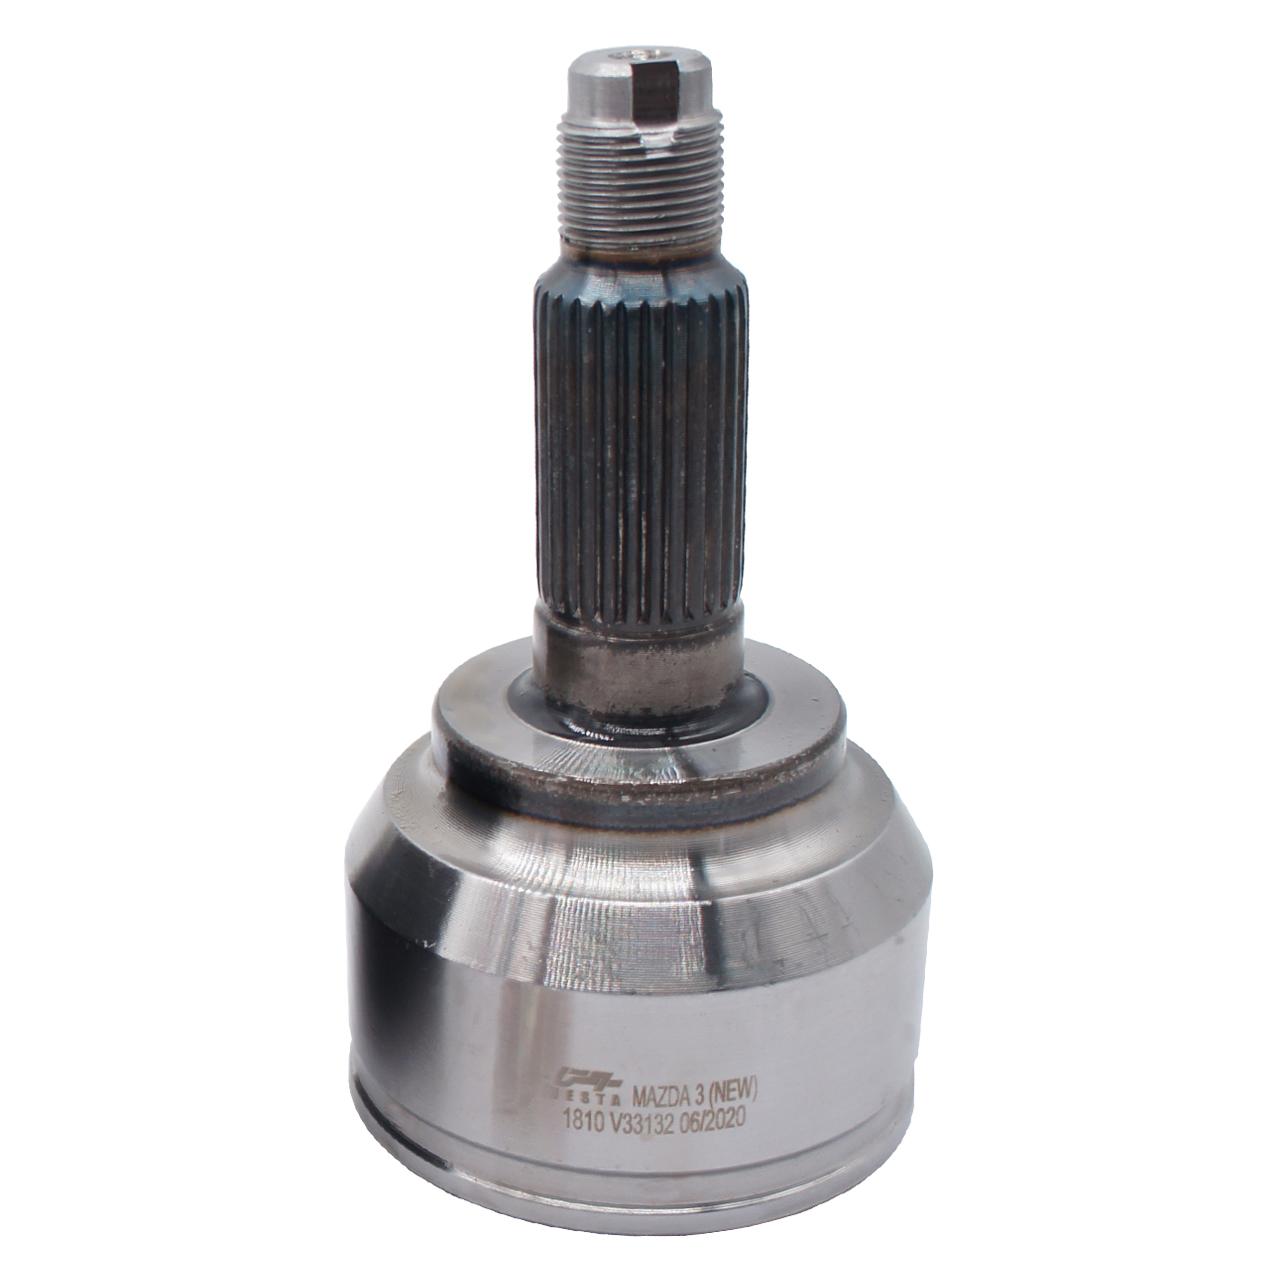 سرپلوس وستا مدل V33132 مناسب برای مزدا 3 NEW